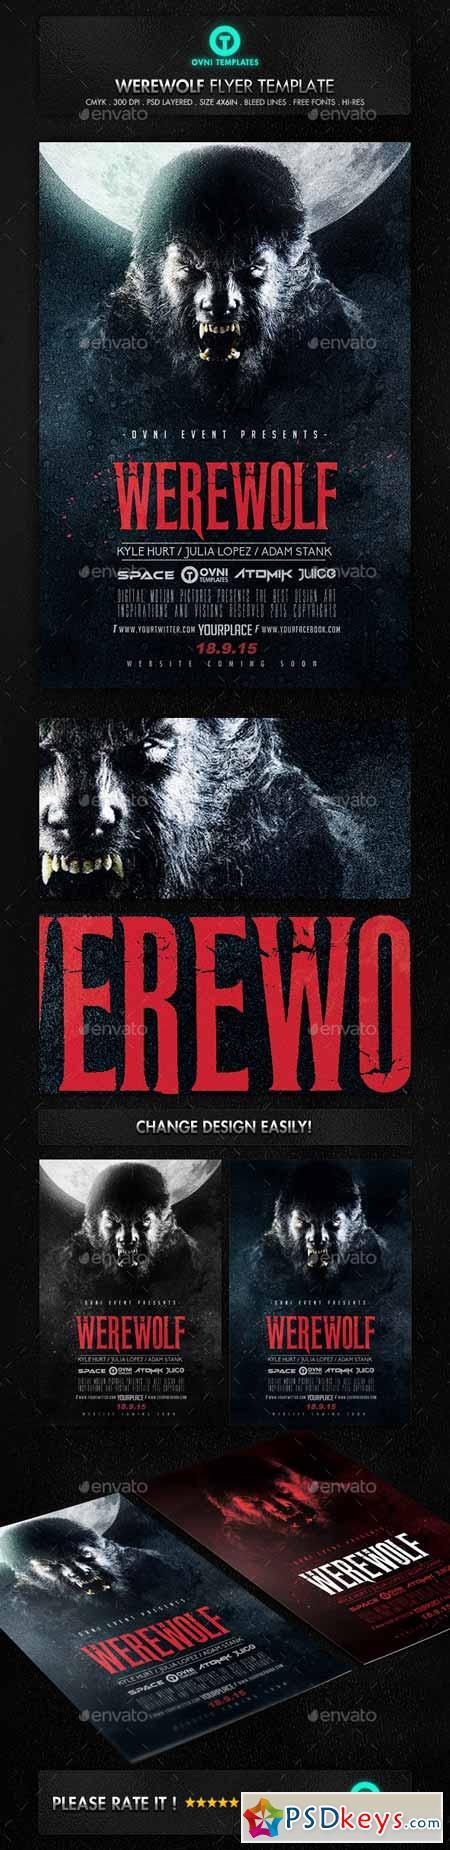 Werewolf Dark Horror Movie Flyer Poster Template